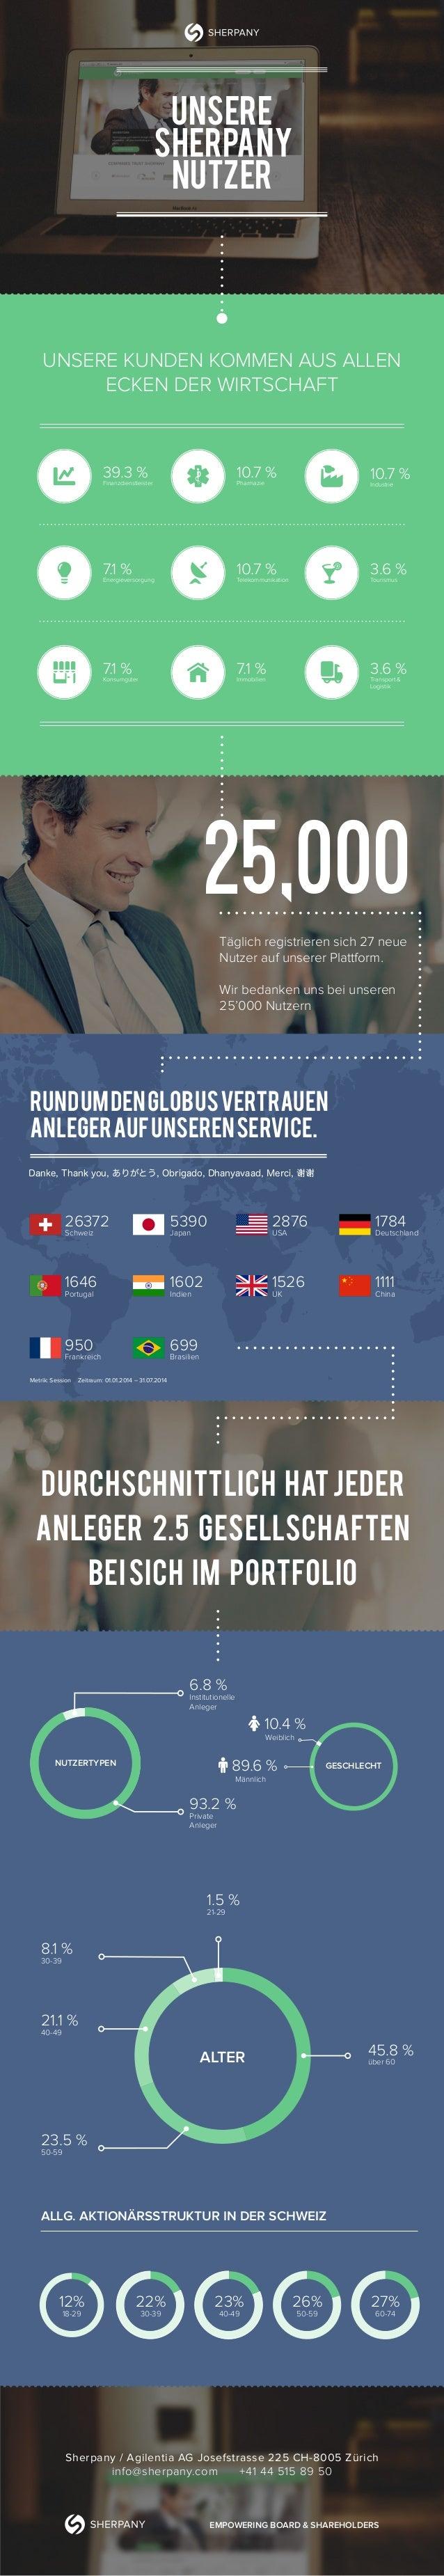 Unsere Sherpany Nutzer UNSERE KUNDEN KOMMEN AUS ALLEN ECKEN DER WIRTSCHAFT 10.7 %Pharmazie 10.7 %Telekommunikation 7.1 %Im...